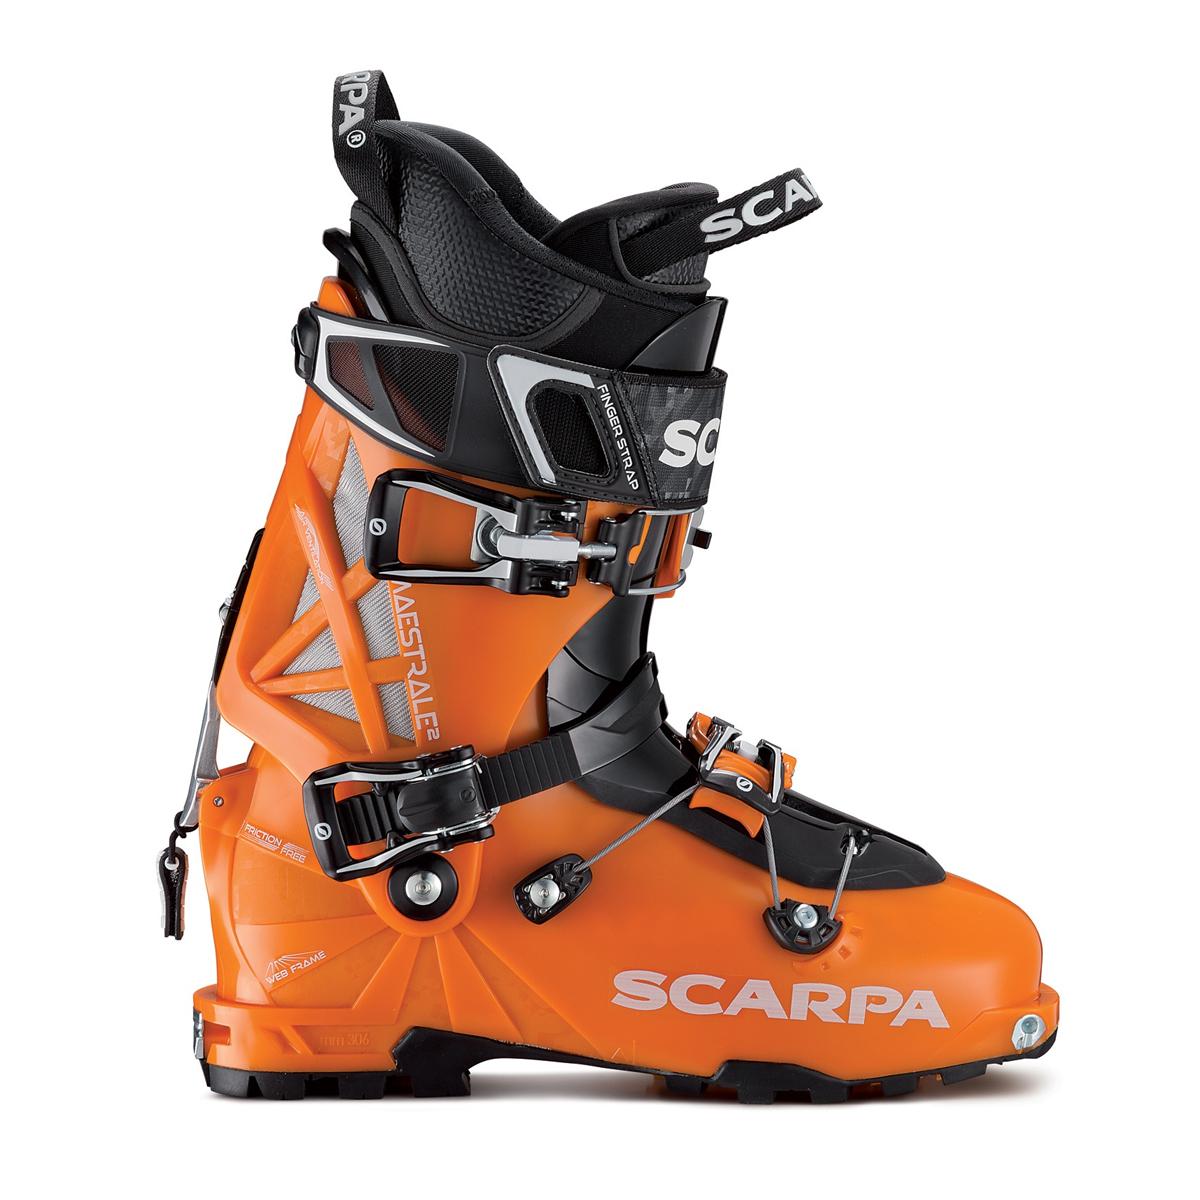 Scarpa Maestrale Scarponi da sci alpinismo. Pagamento a64154e9837